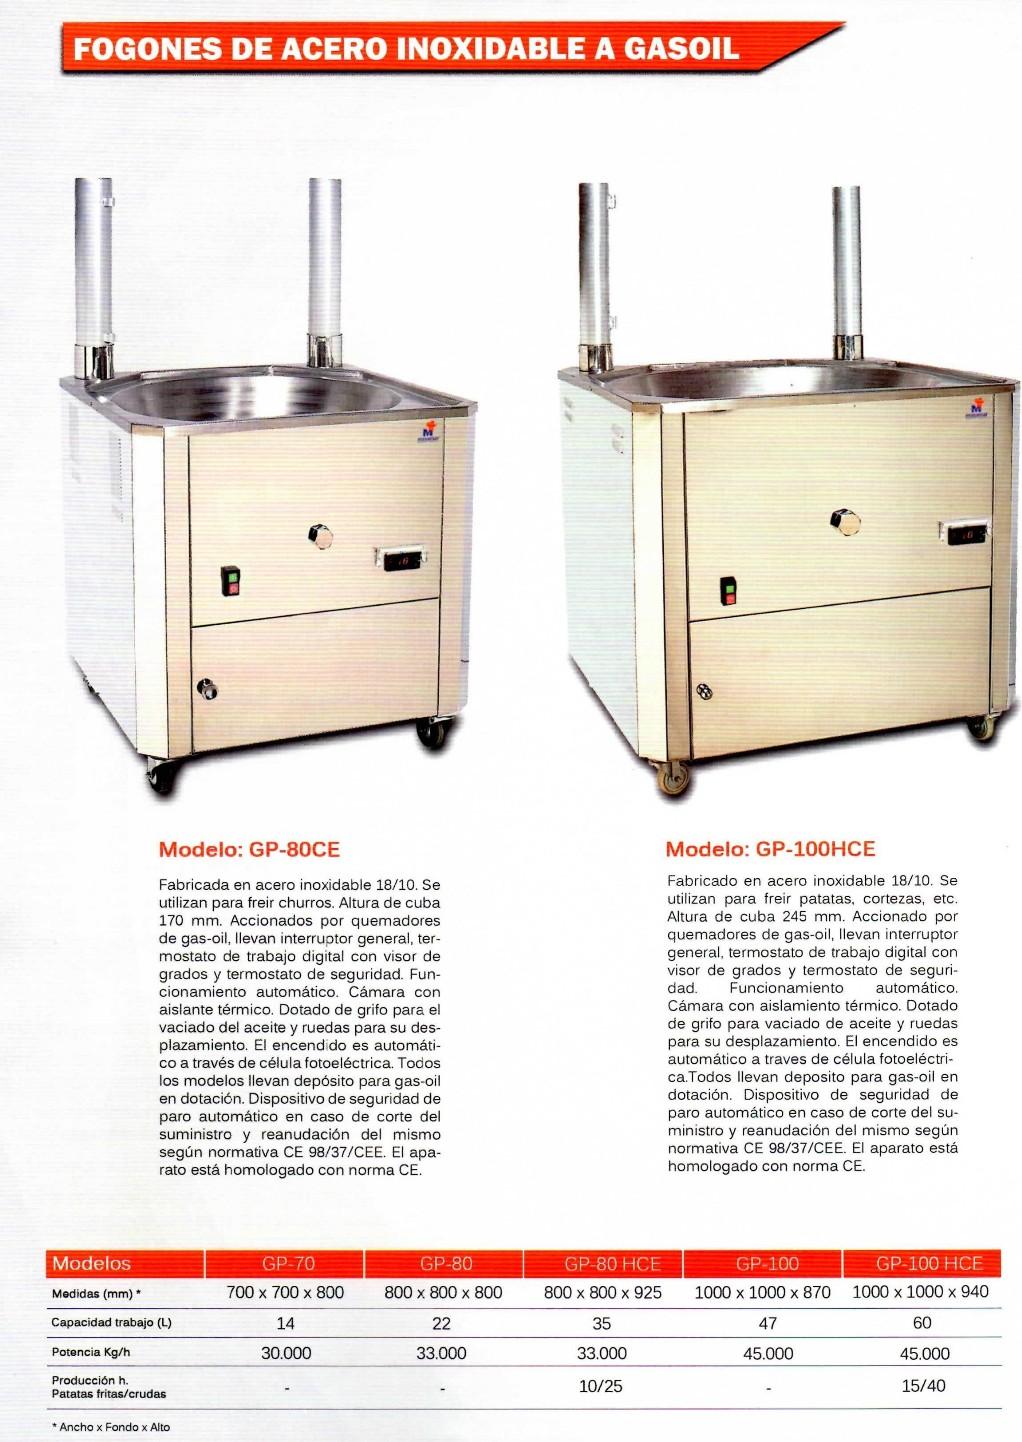 Fogones a gasoil para churros frigelu for Fogones industriales a gas